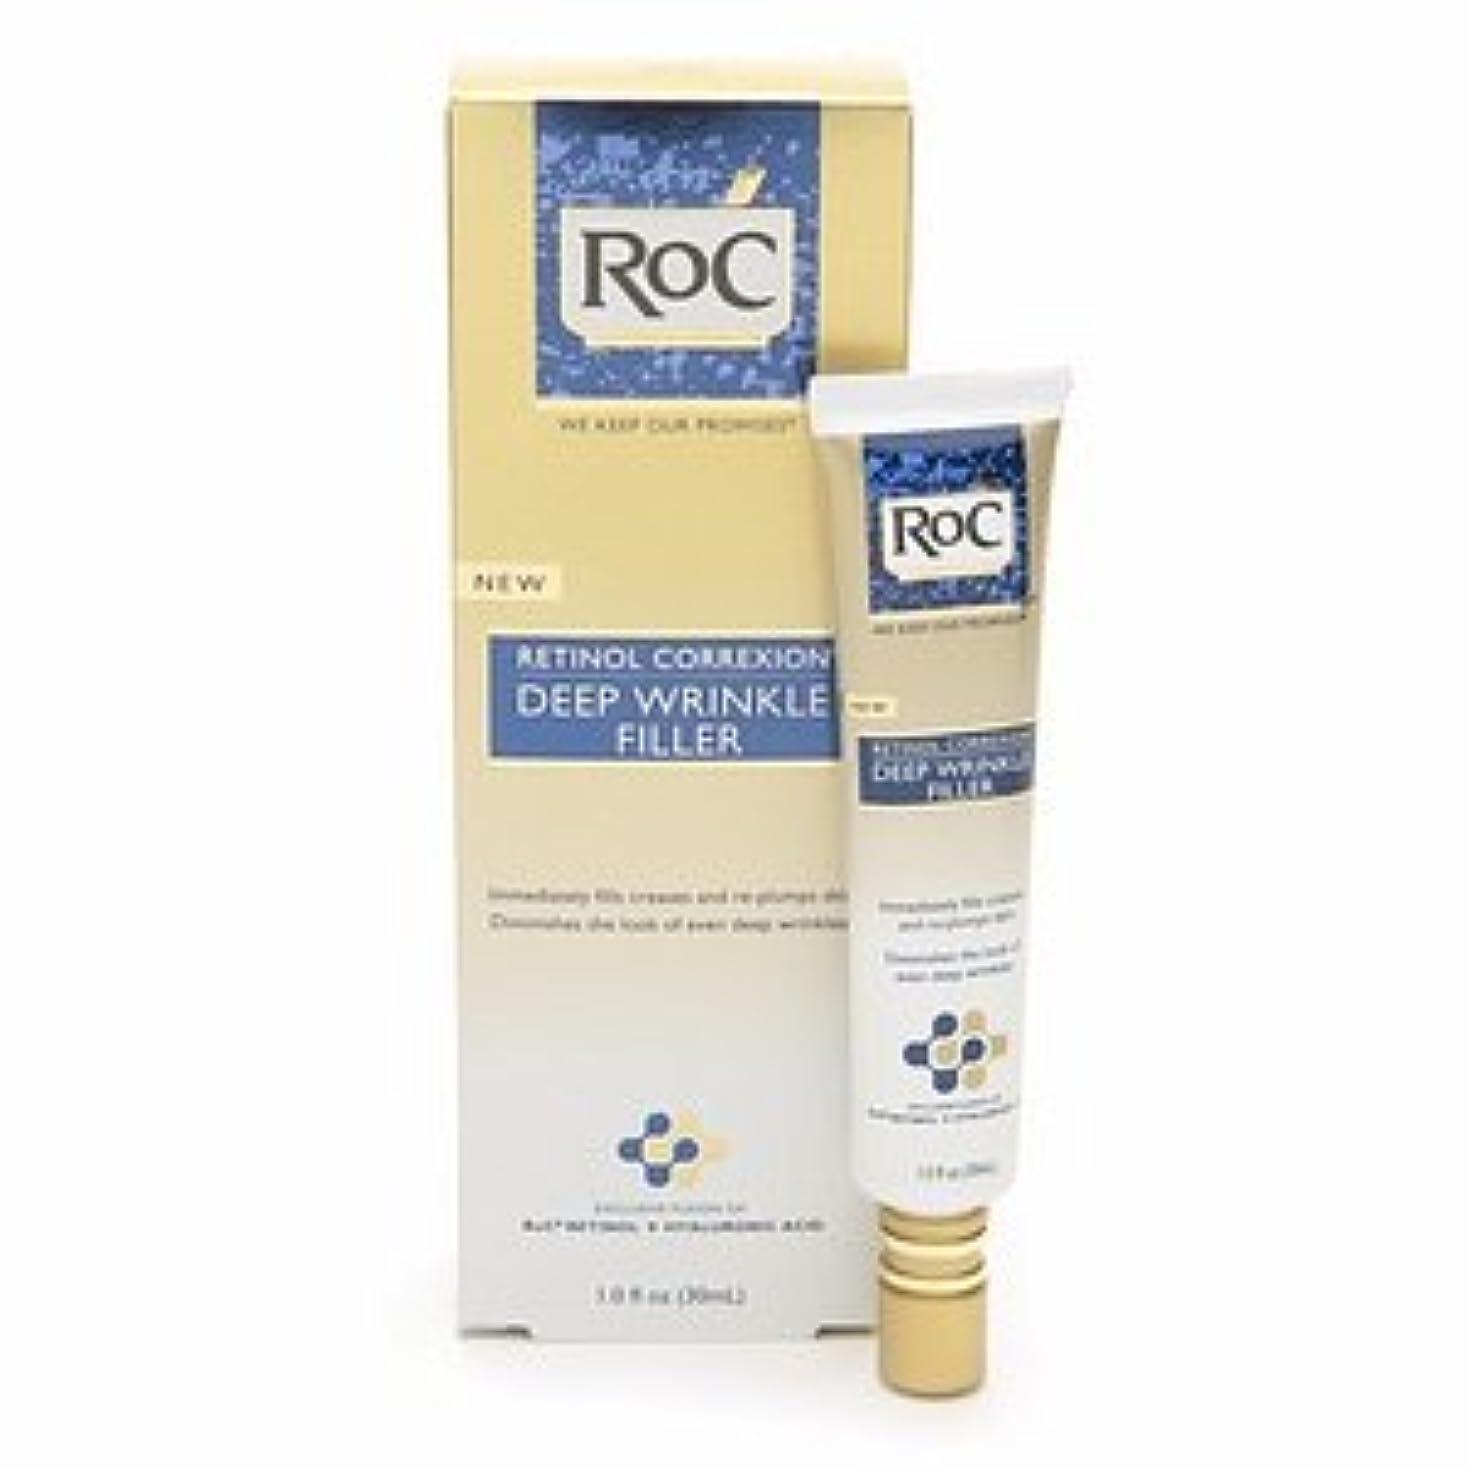 根拠インタフェース衝撃RoC レチノール コレクション ディープリンクル フィラー RoC Retinol Correxion Deep Wrinkle Filler